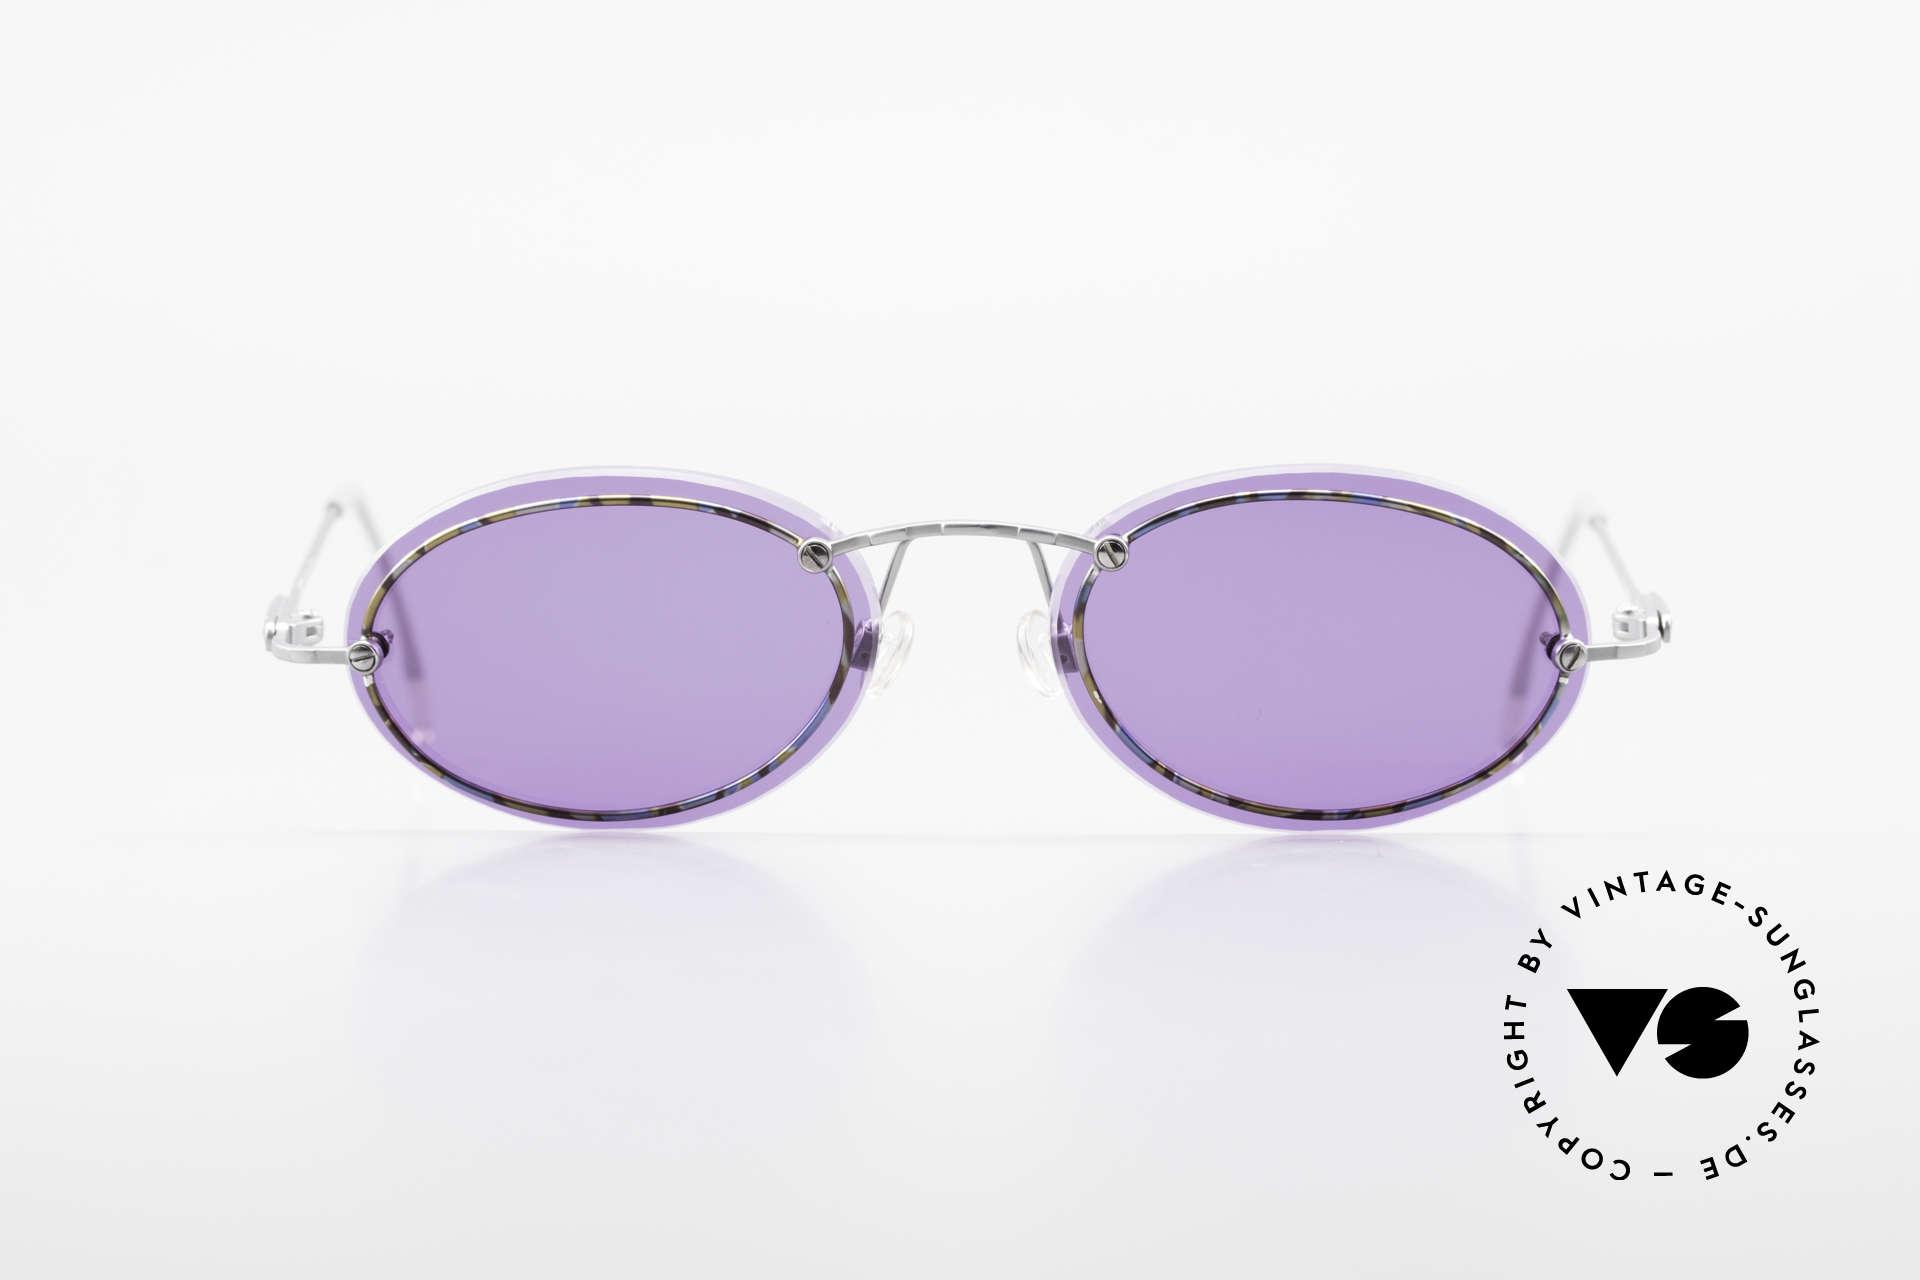 Cazal 770 Oval Vintage Sonnenbrille 90er, dünne und schmale Rahmenprofile (daher 16g leicht), Passend für Herren und Damen